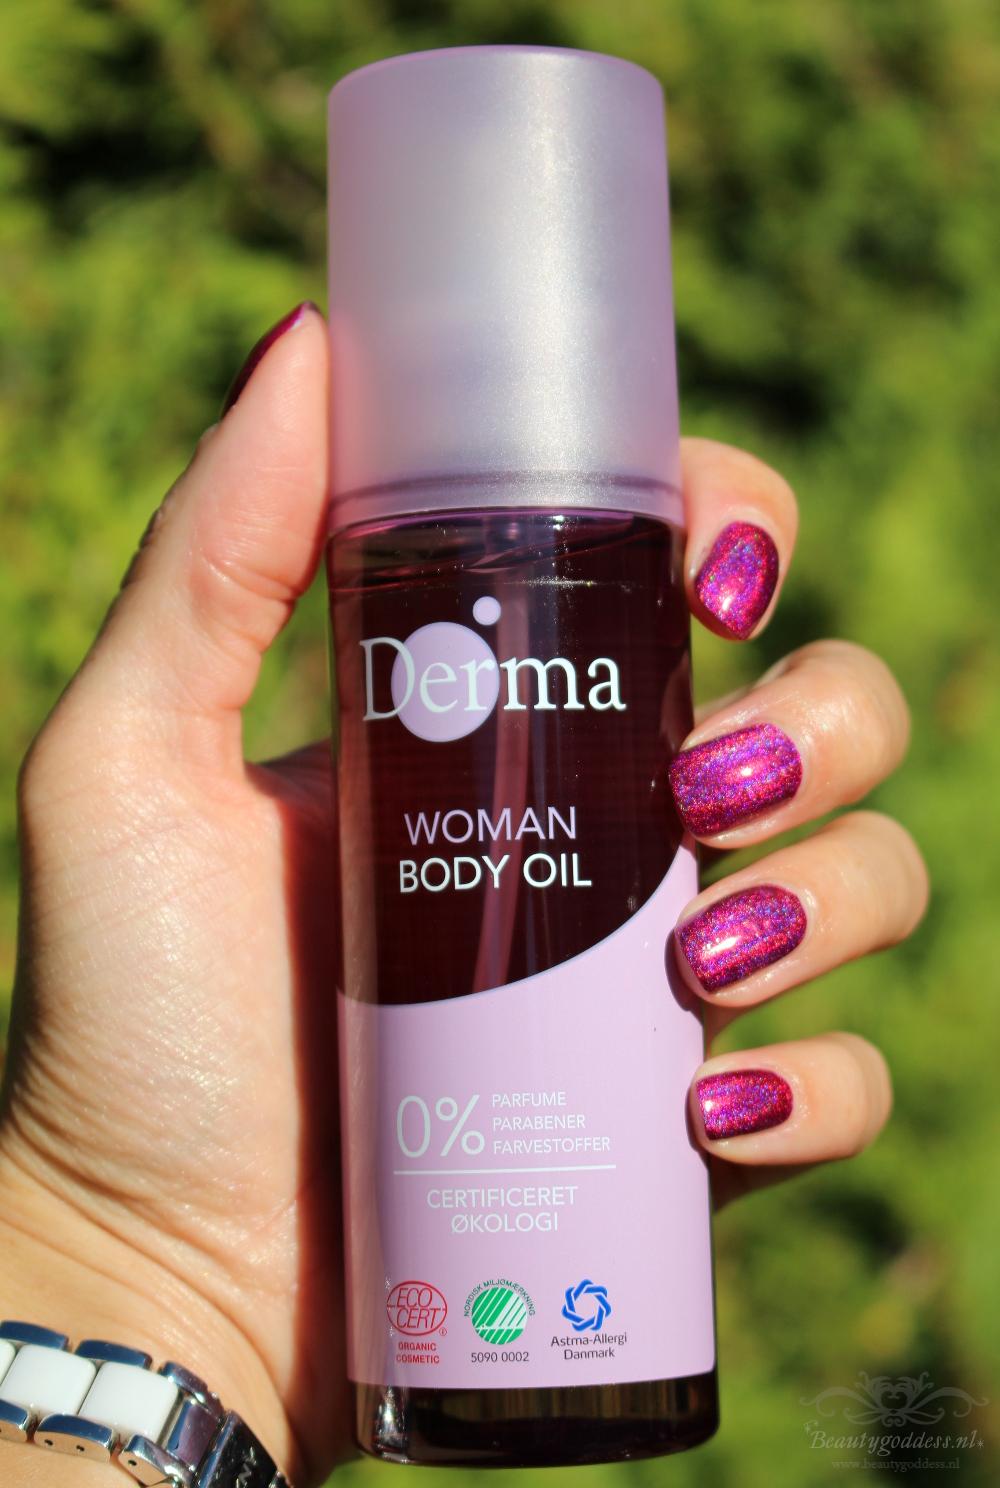 derma-woman-body-oil-04